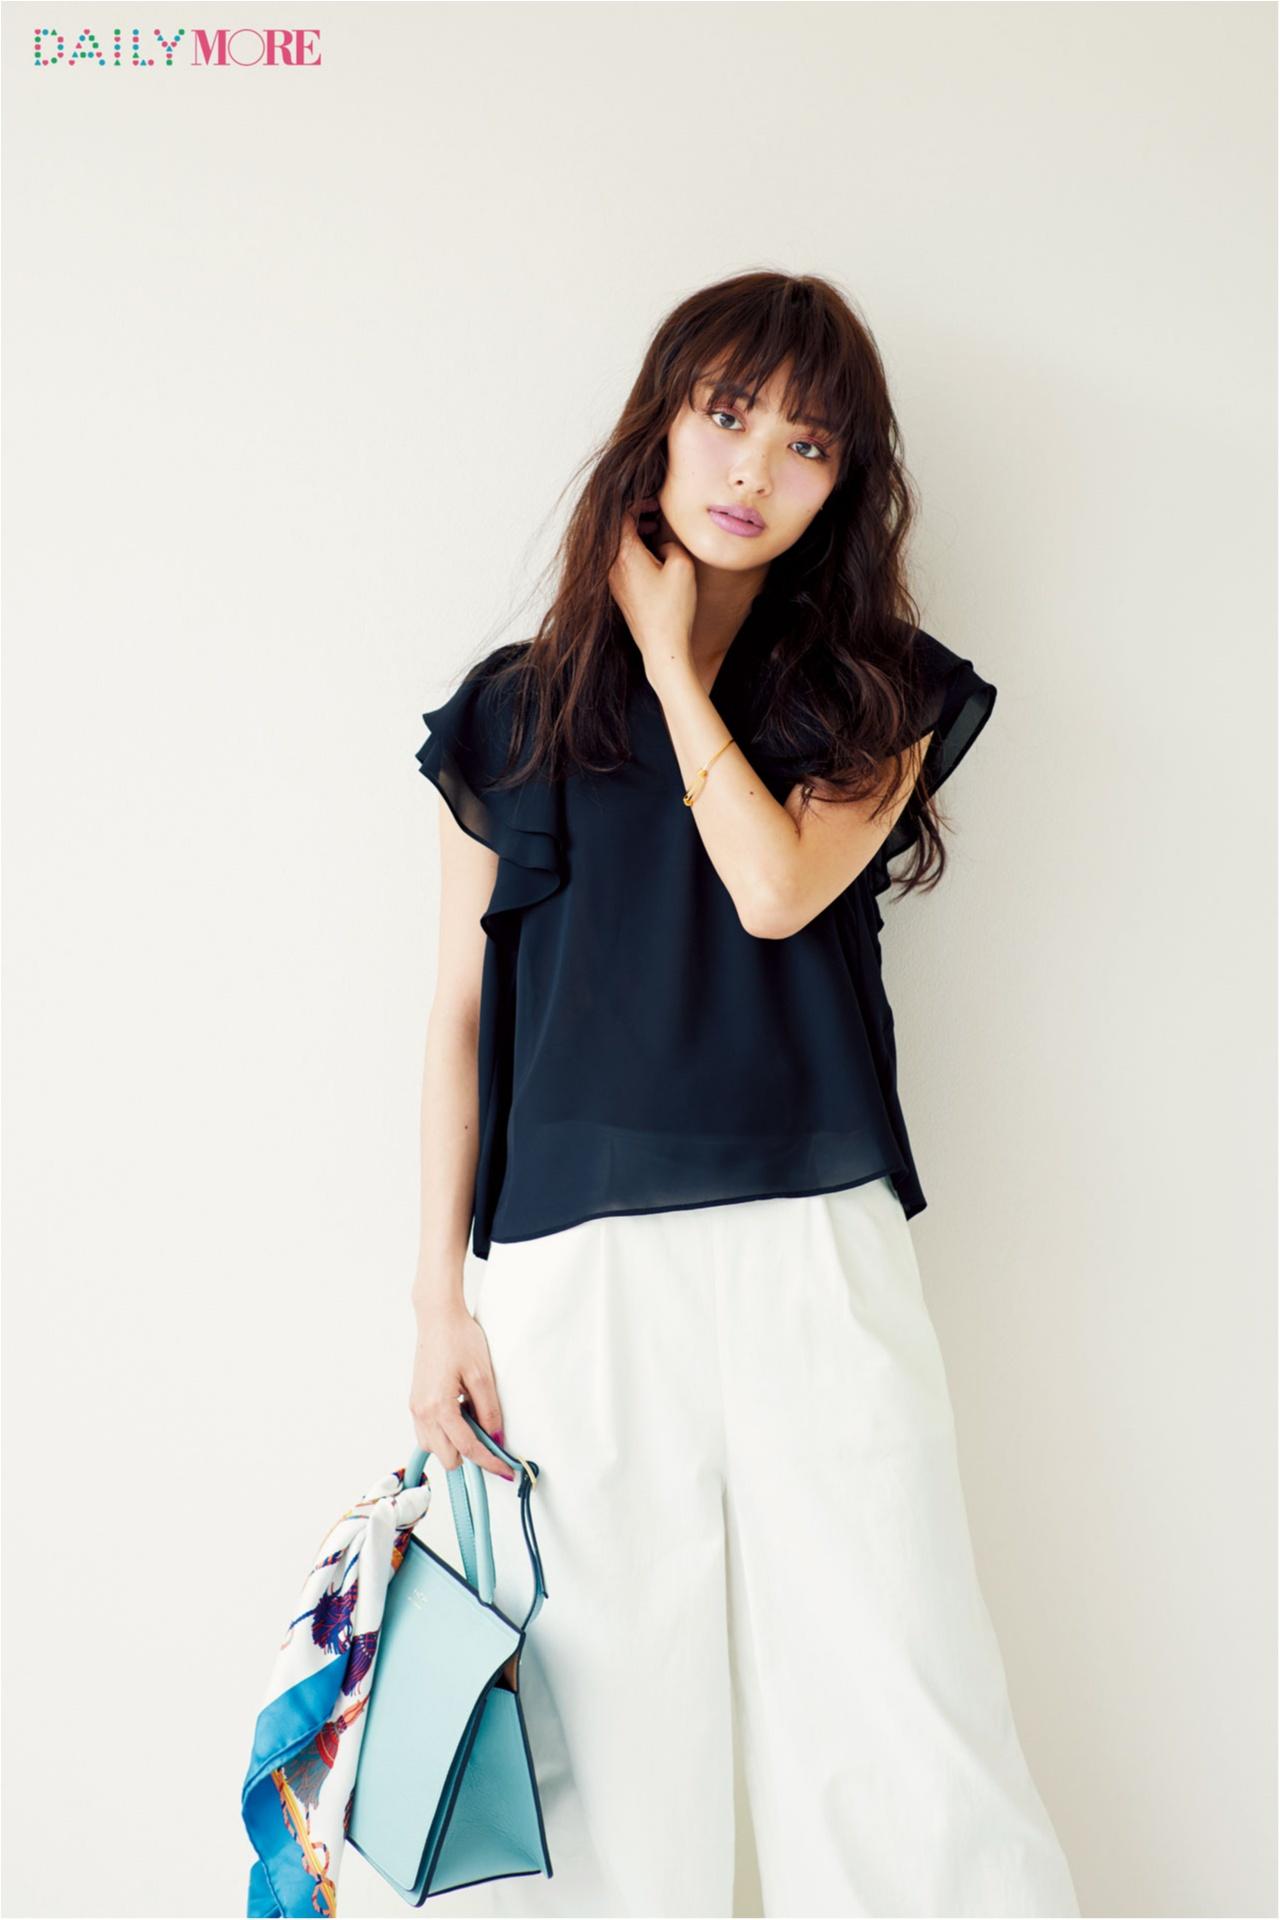 【公式通販GET MORE!ですぐ買える】超人気ブランドで、この夏激売れ中の「ベストヒット服」集めました!Part3_1